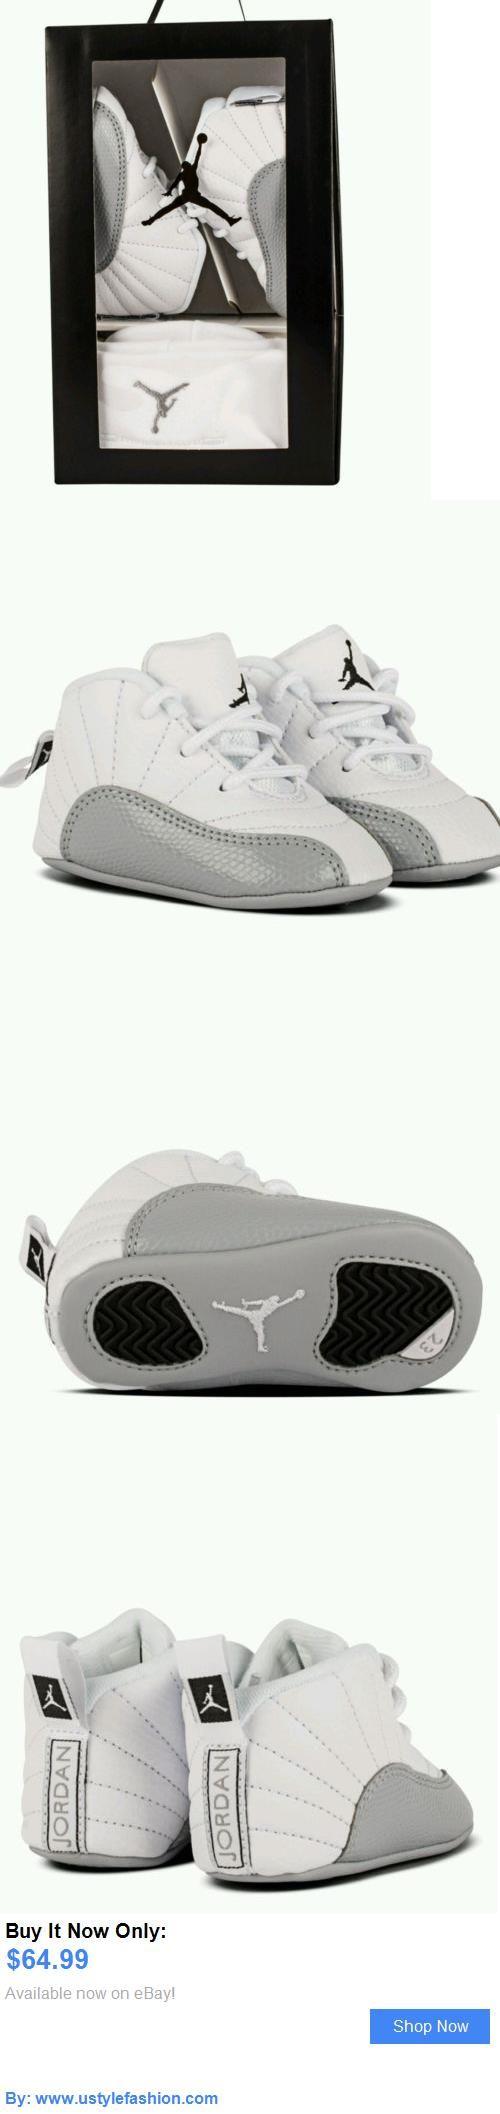 64b8e04c0c09 1c jordan shoes nz outlet